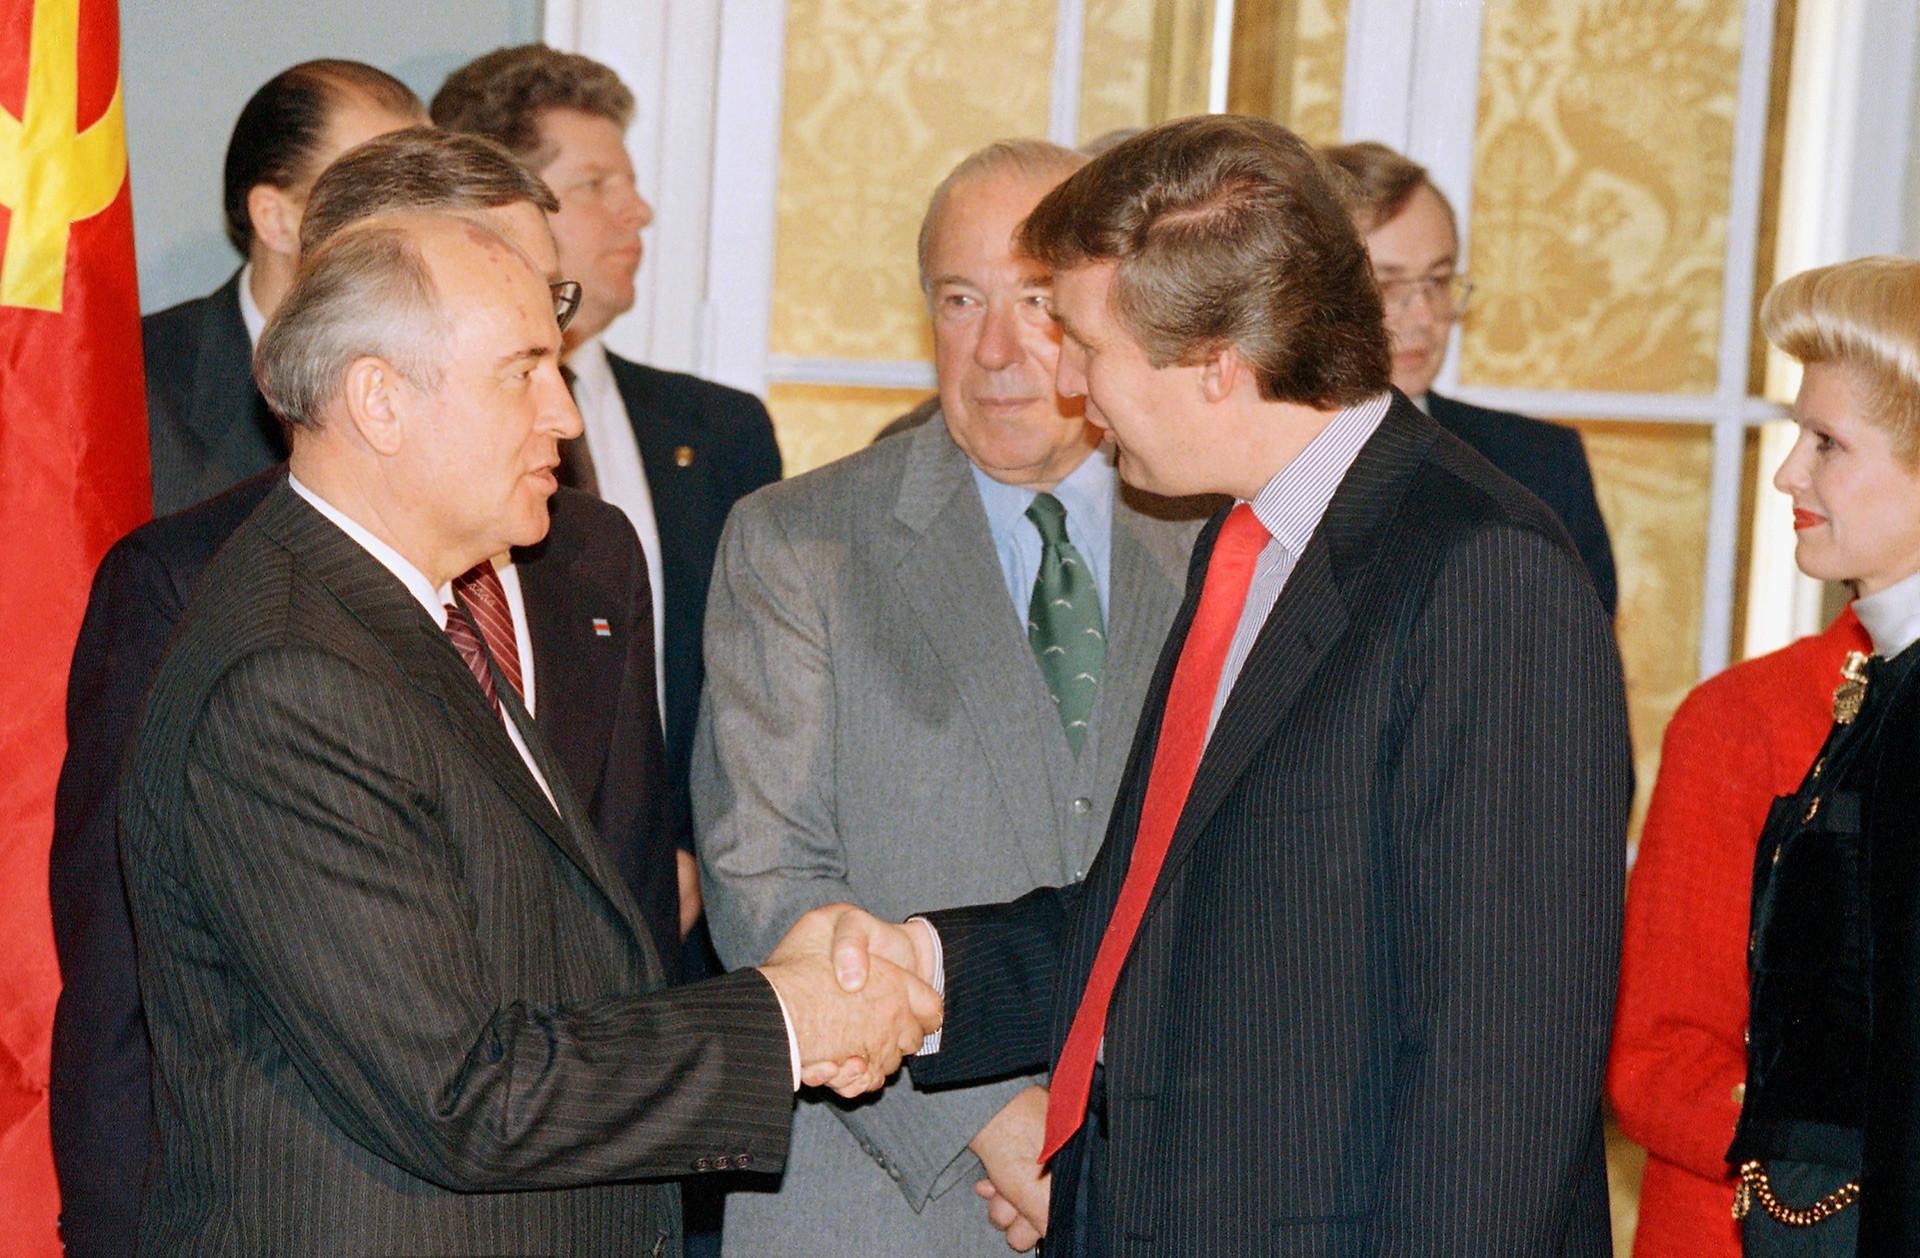 Sovjetski voditelj Mihail Gorbačov se rokuje z newyorškim investitorjem Donaldom Trumpom.